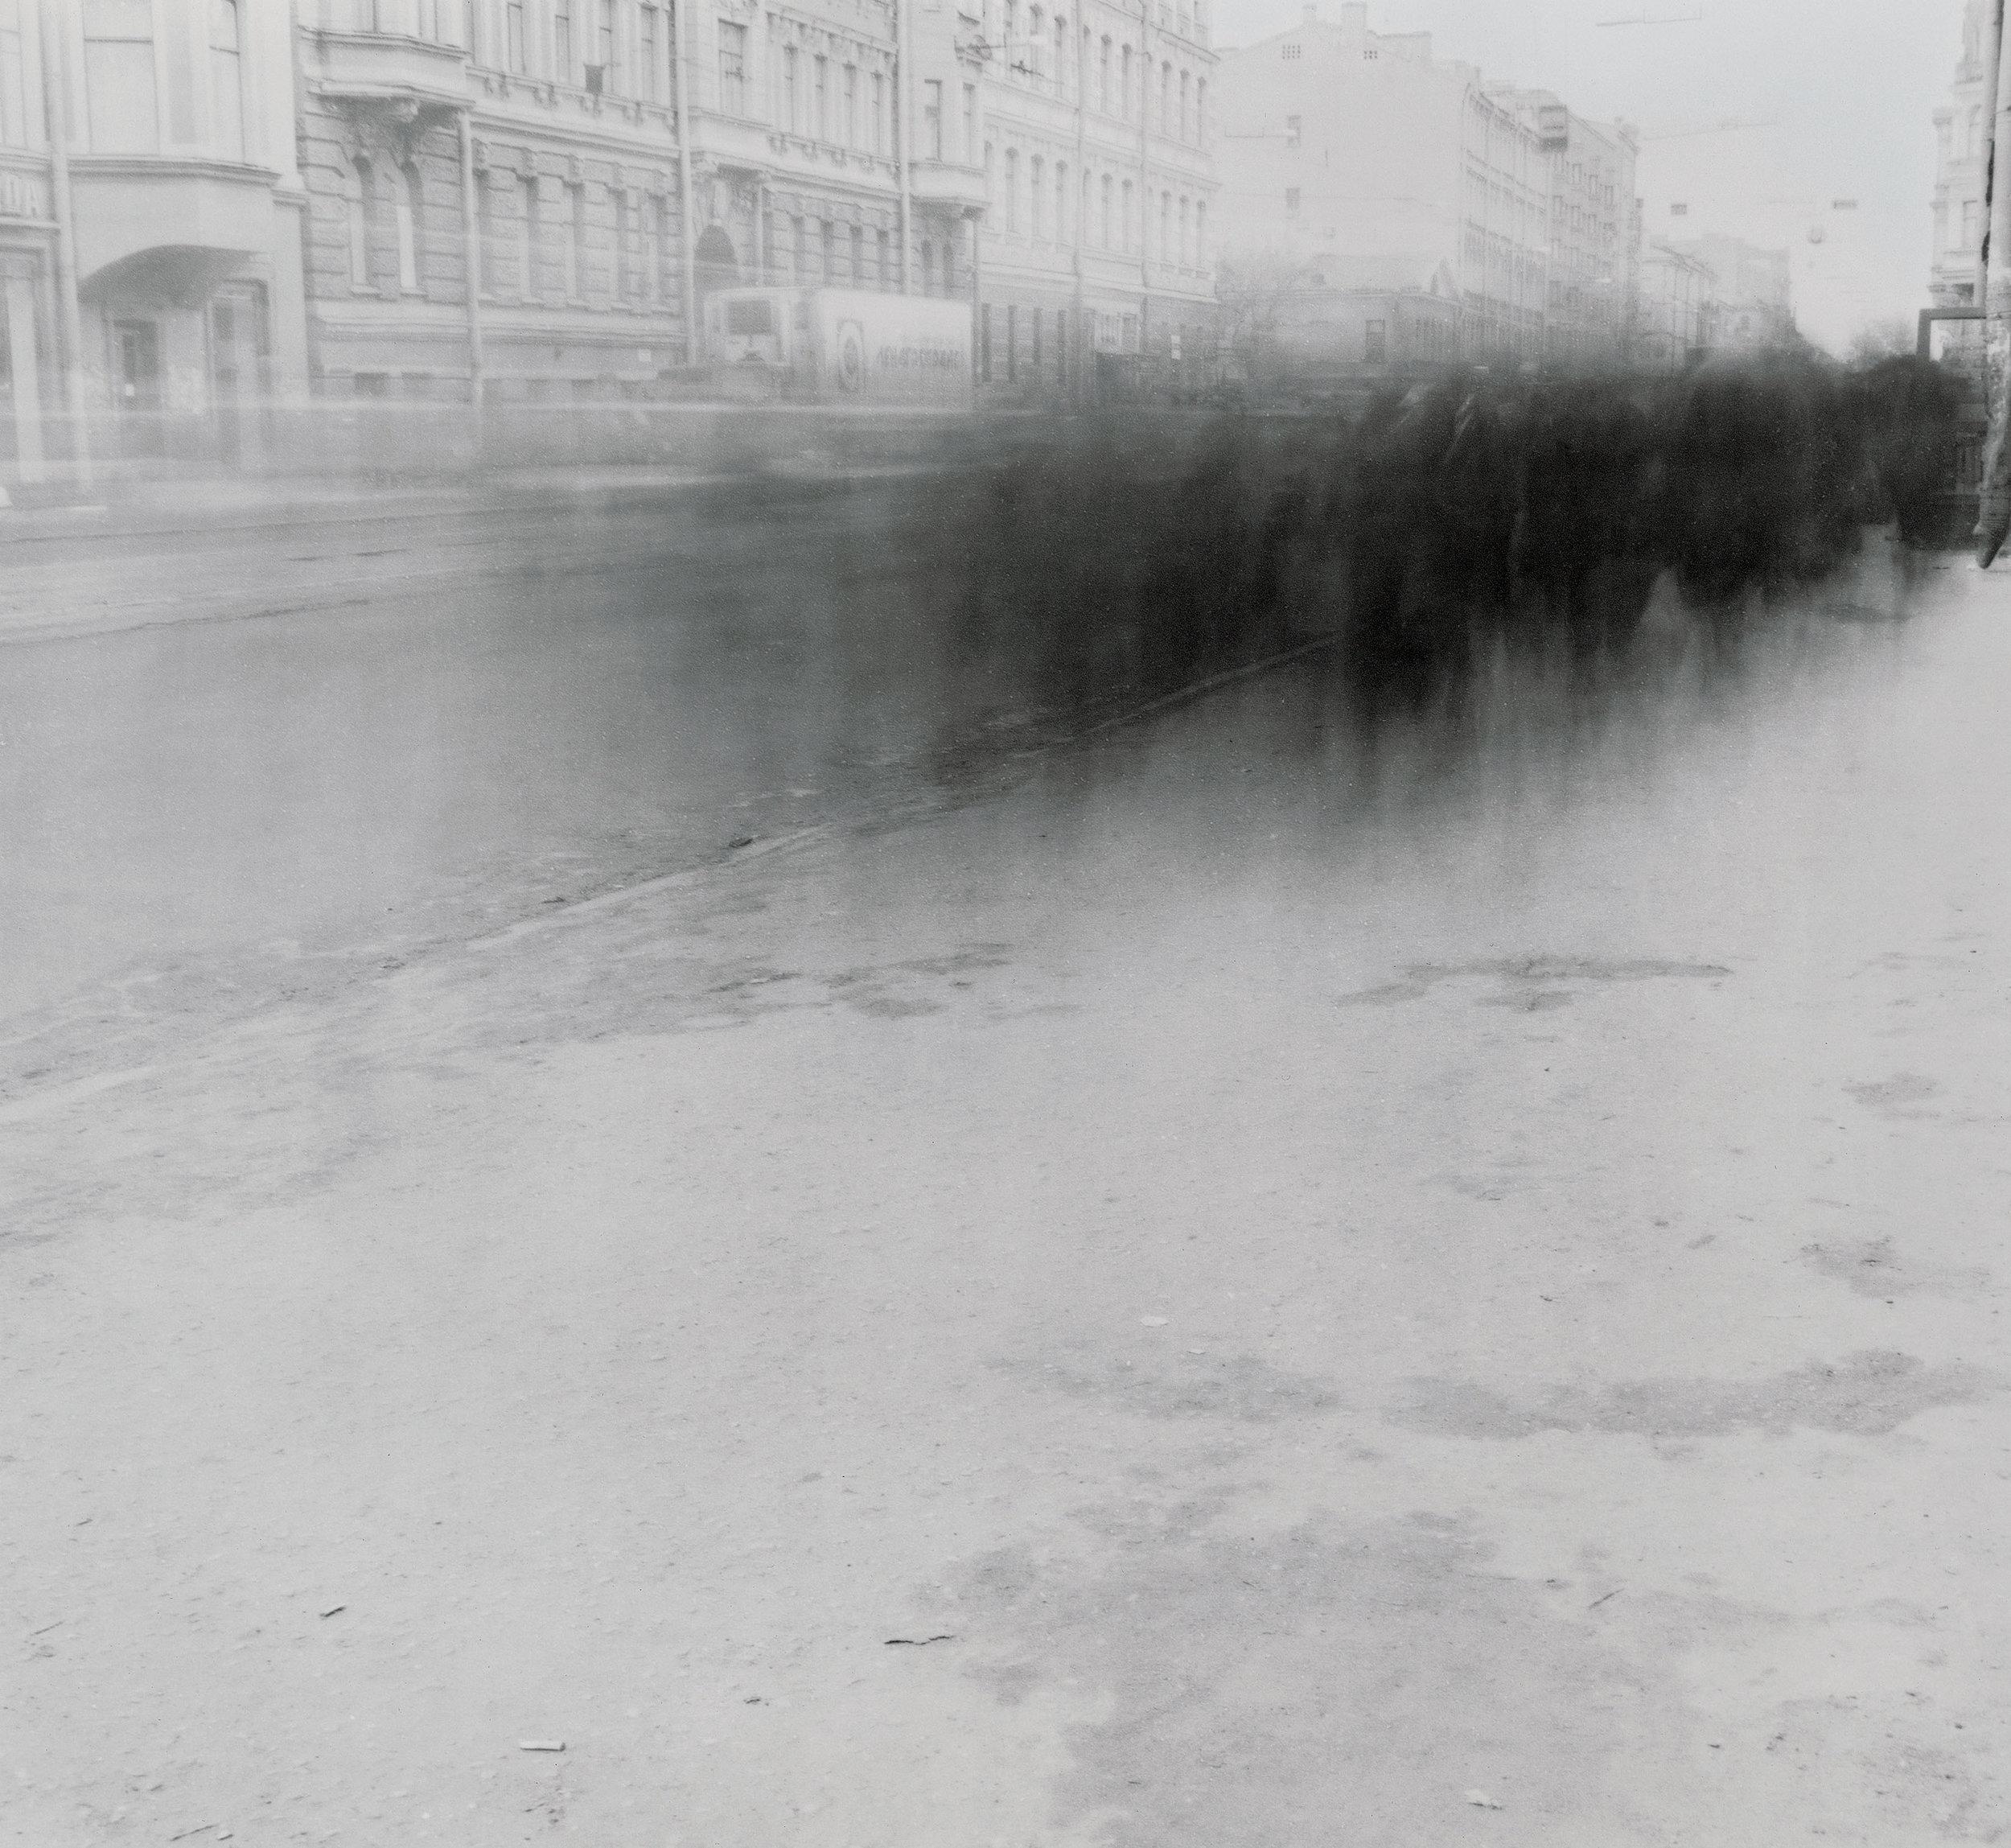 Sredniy Prospekt, 1992 (Crowd 3)